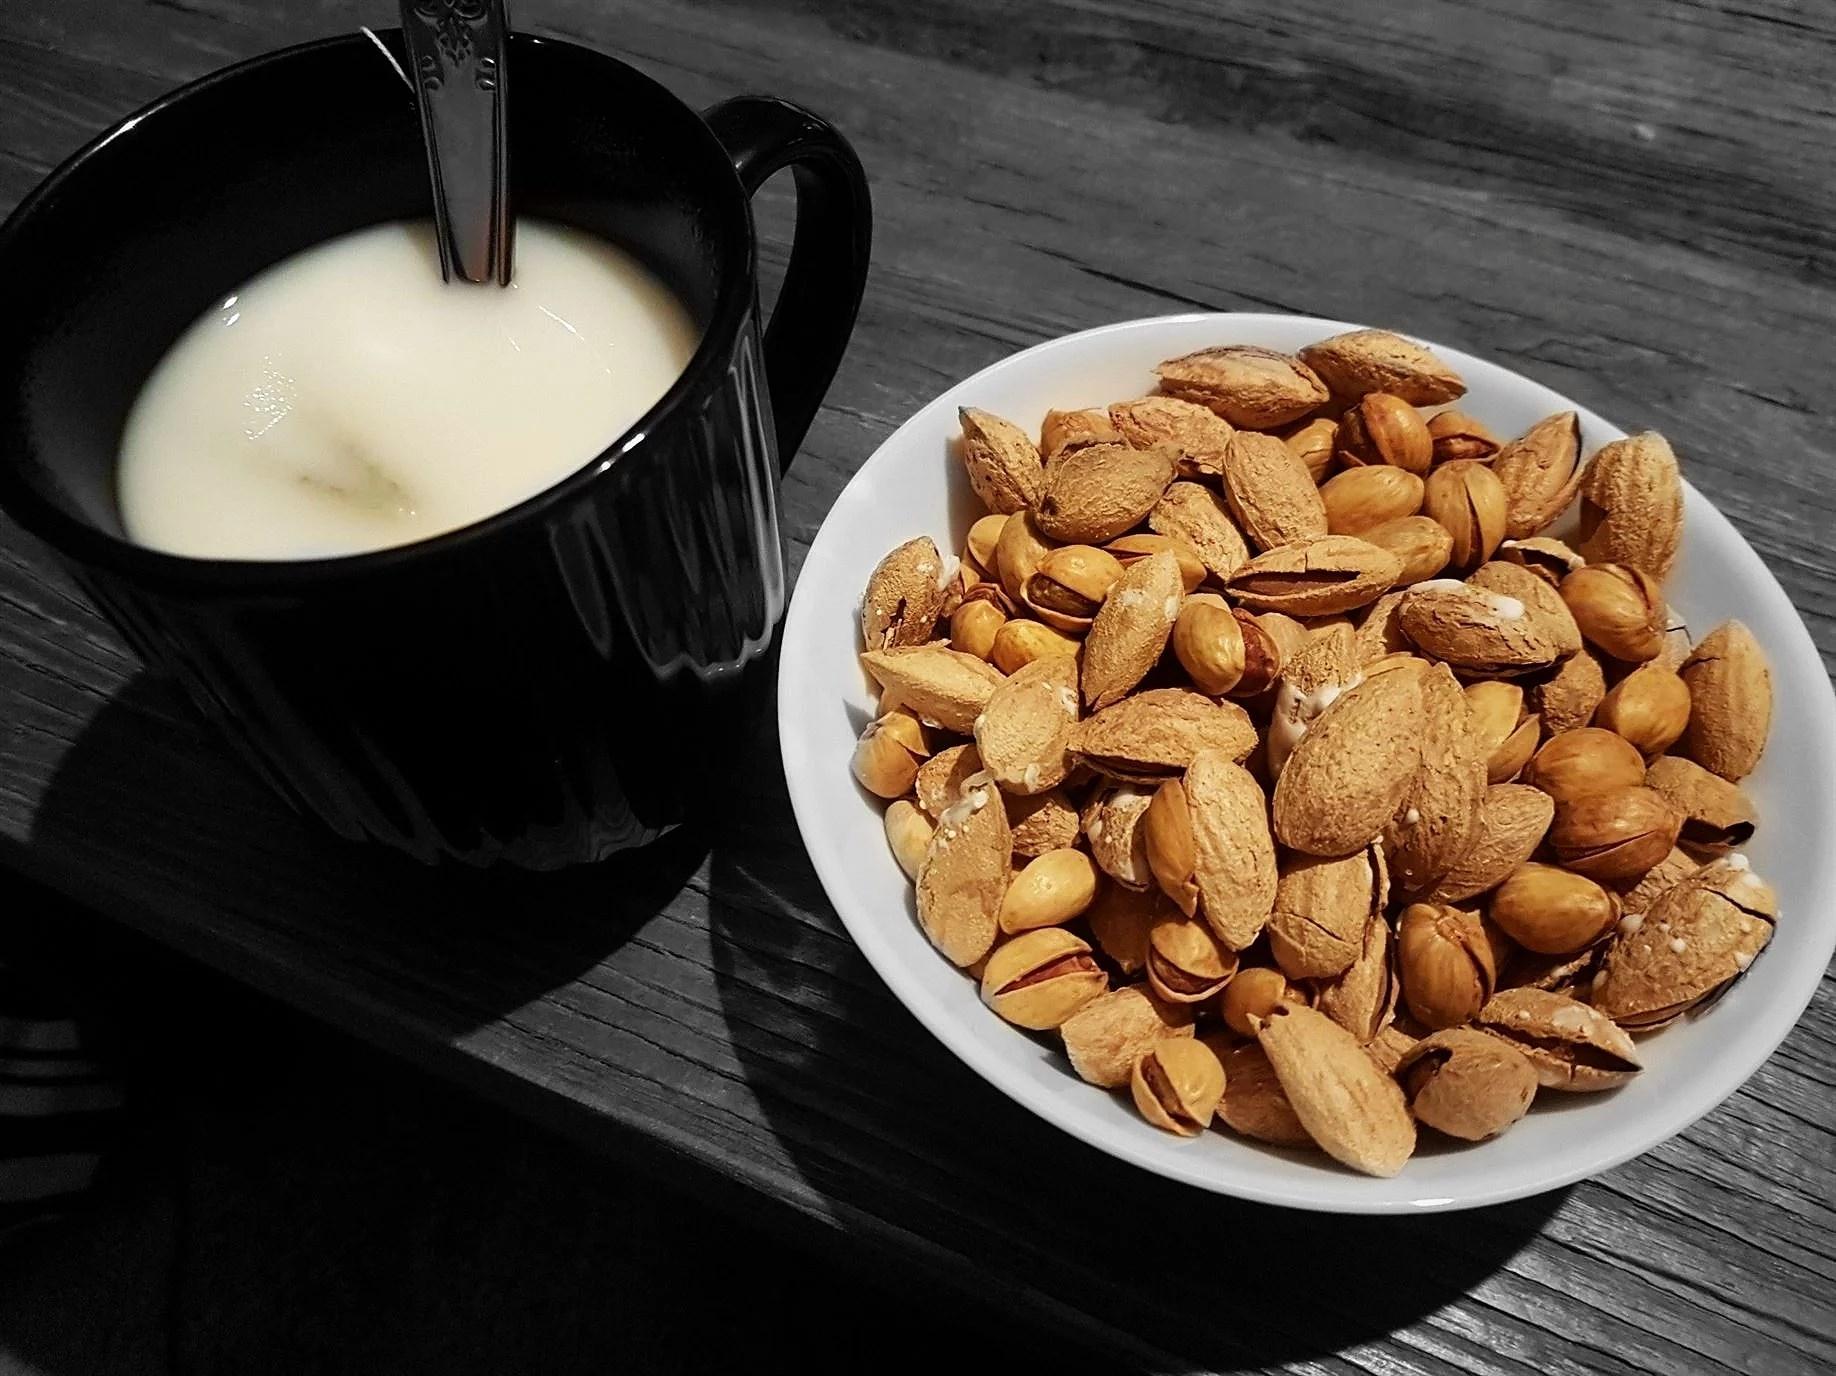 Protein i nötter och fröer